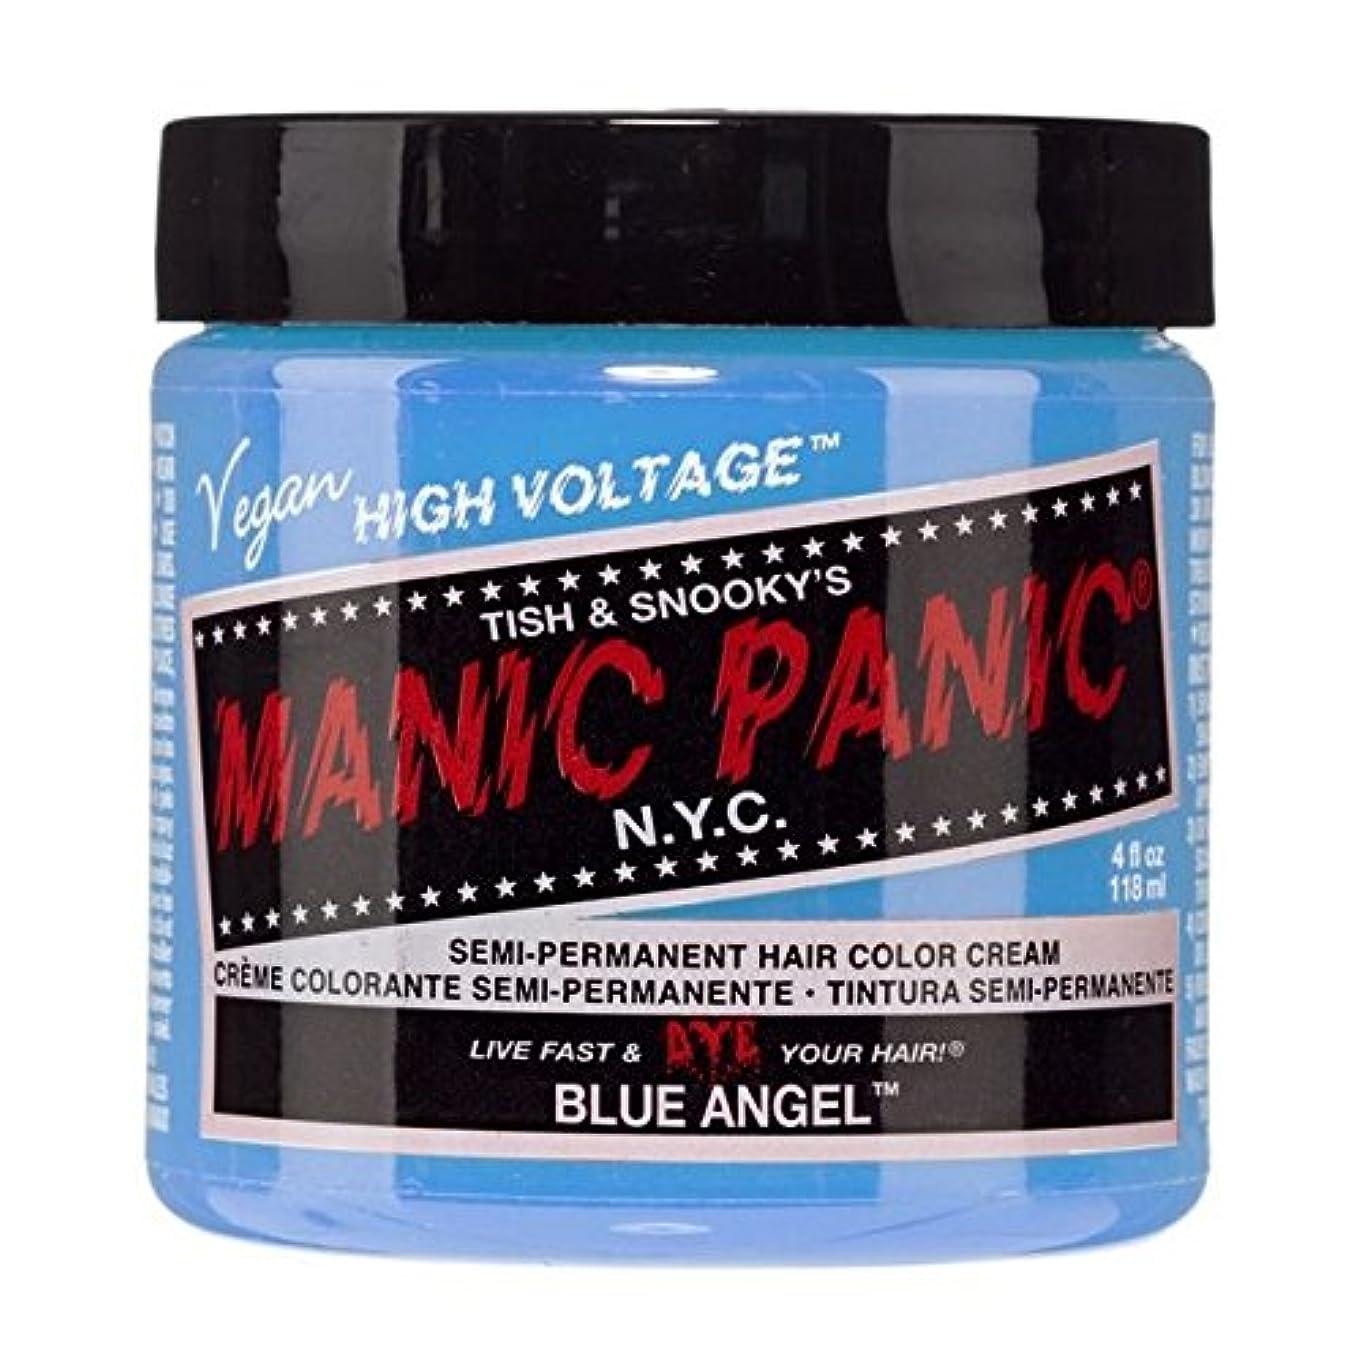 露骨な海洋のコレクションスペシャルセットMANIC PANICマニックパニック:BLUE ANGEL (ブルーエンジェル)+ヘアカラーケア4点セット